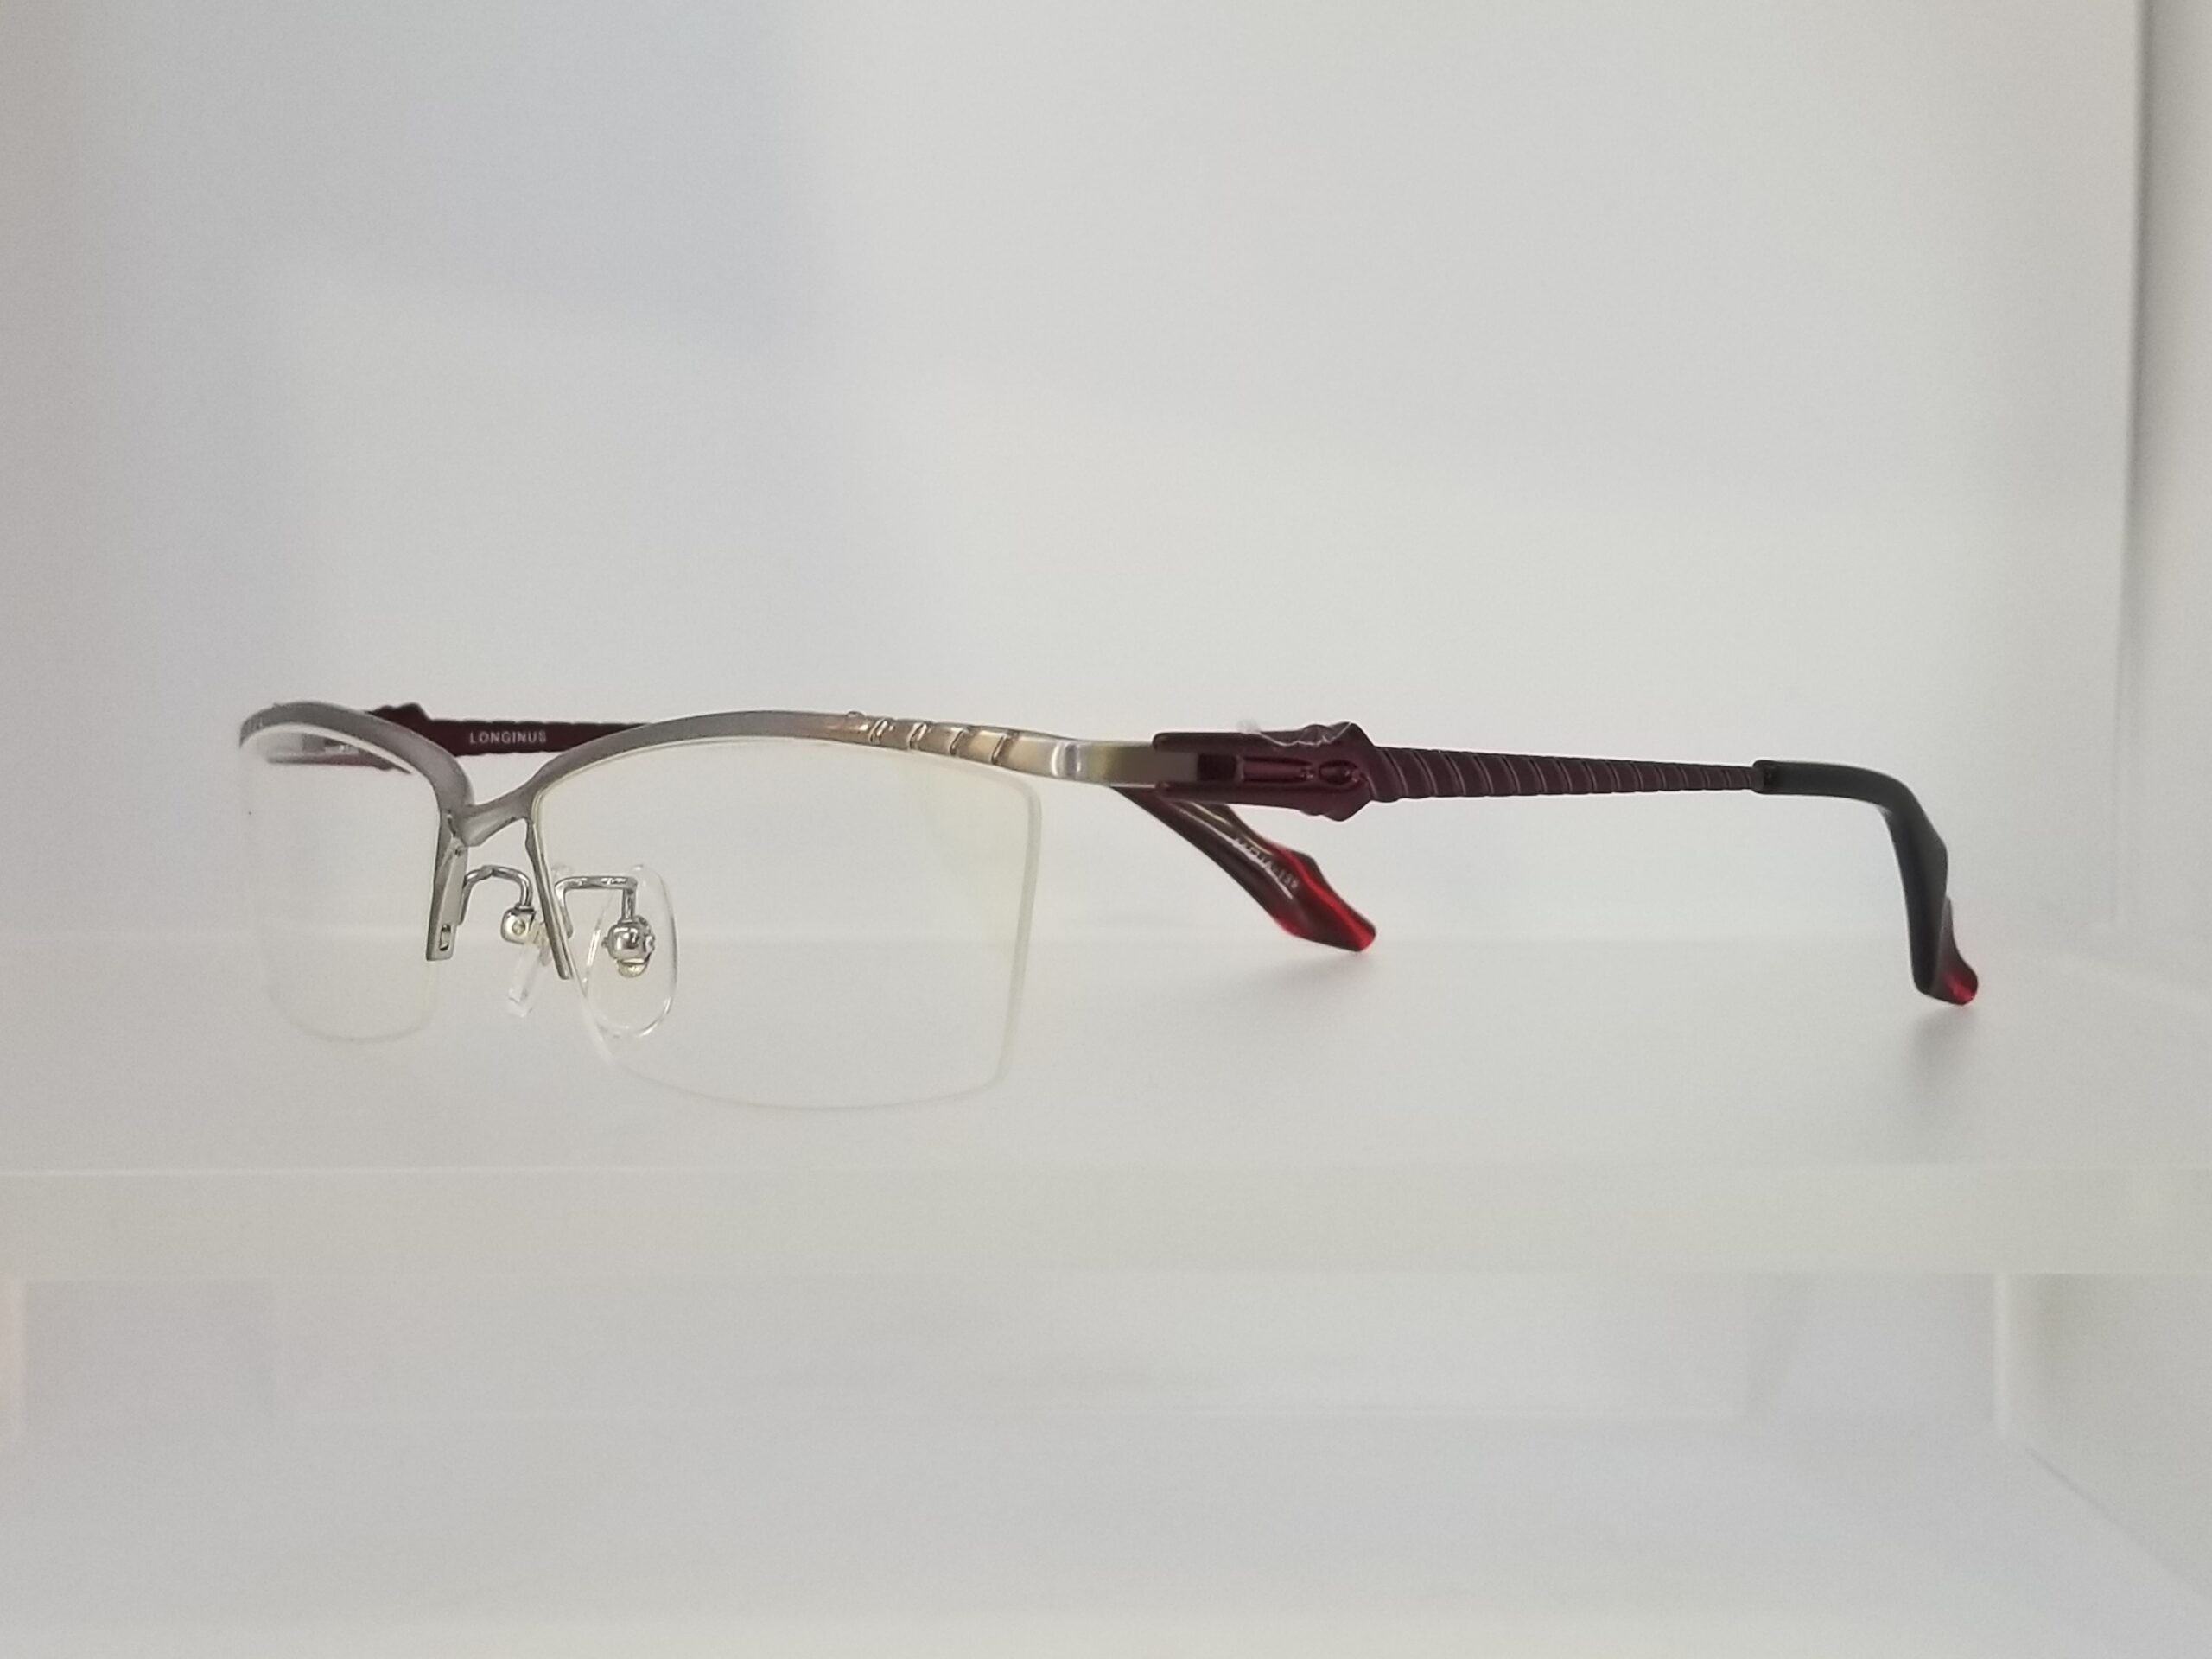 エヴァンゲリオンコラボレーションメガネ ロンギヌスの槍モデルスライド01